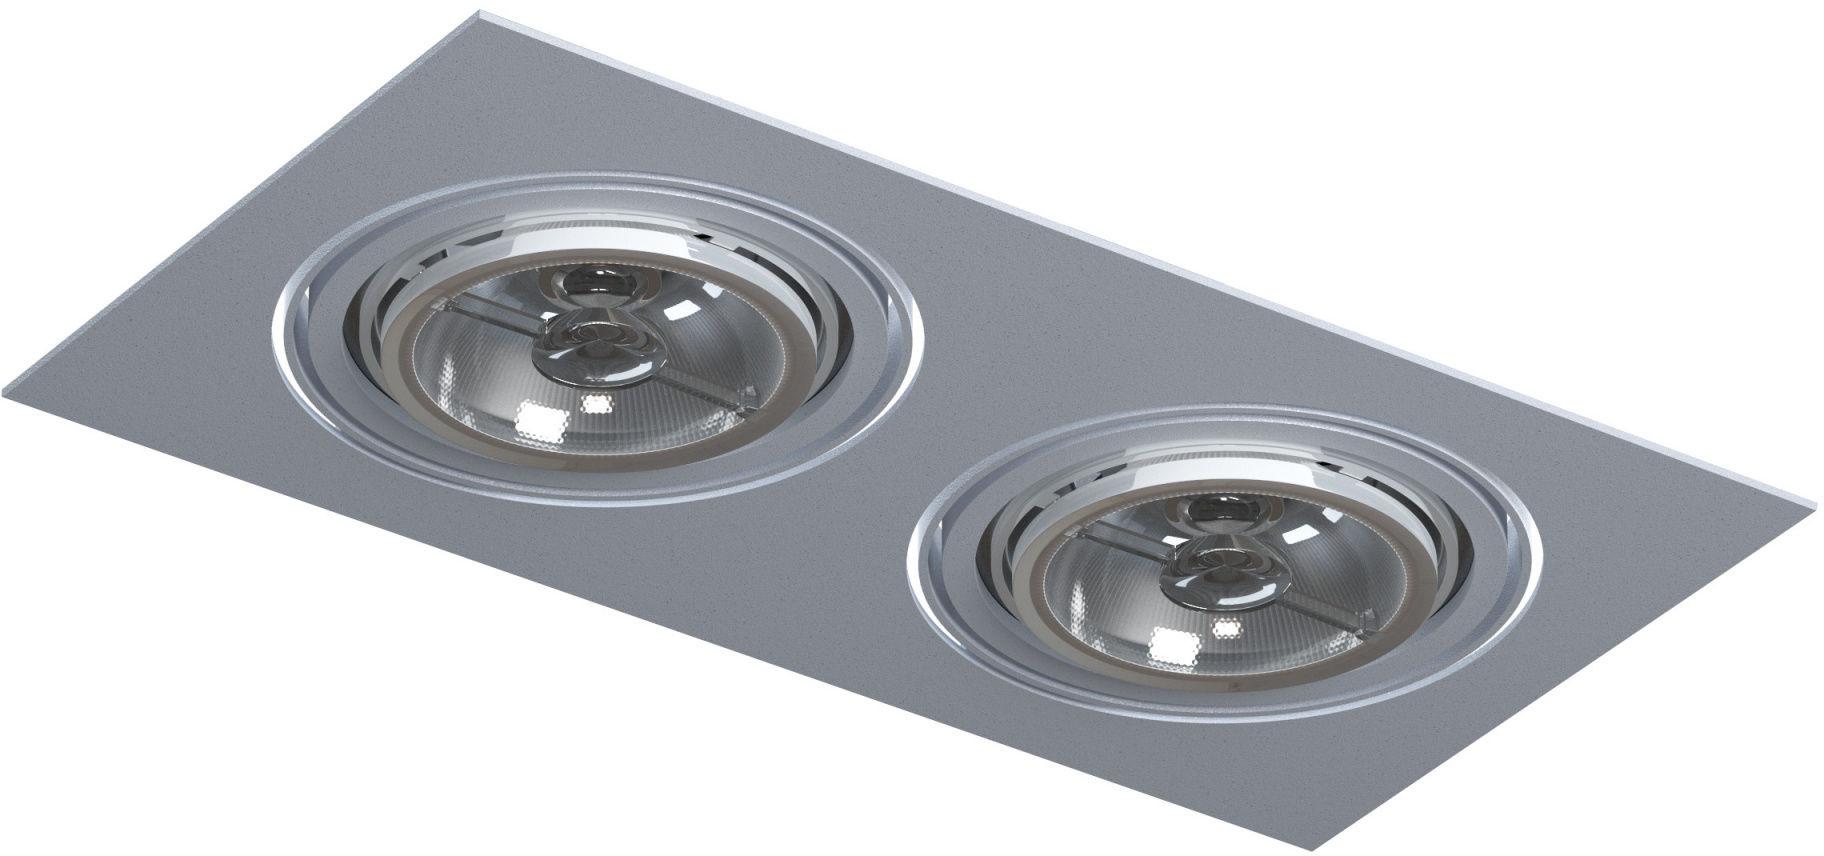 Oczko stropowe podwójna Mara T018E2Bh101 Cleoni oprawa wpuszczana w kolorze aluminium